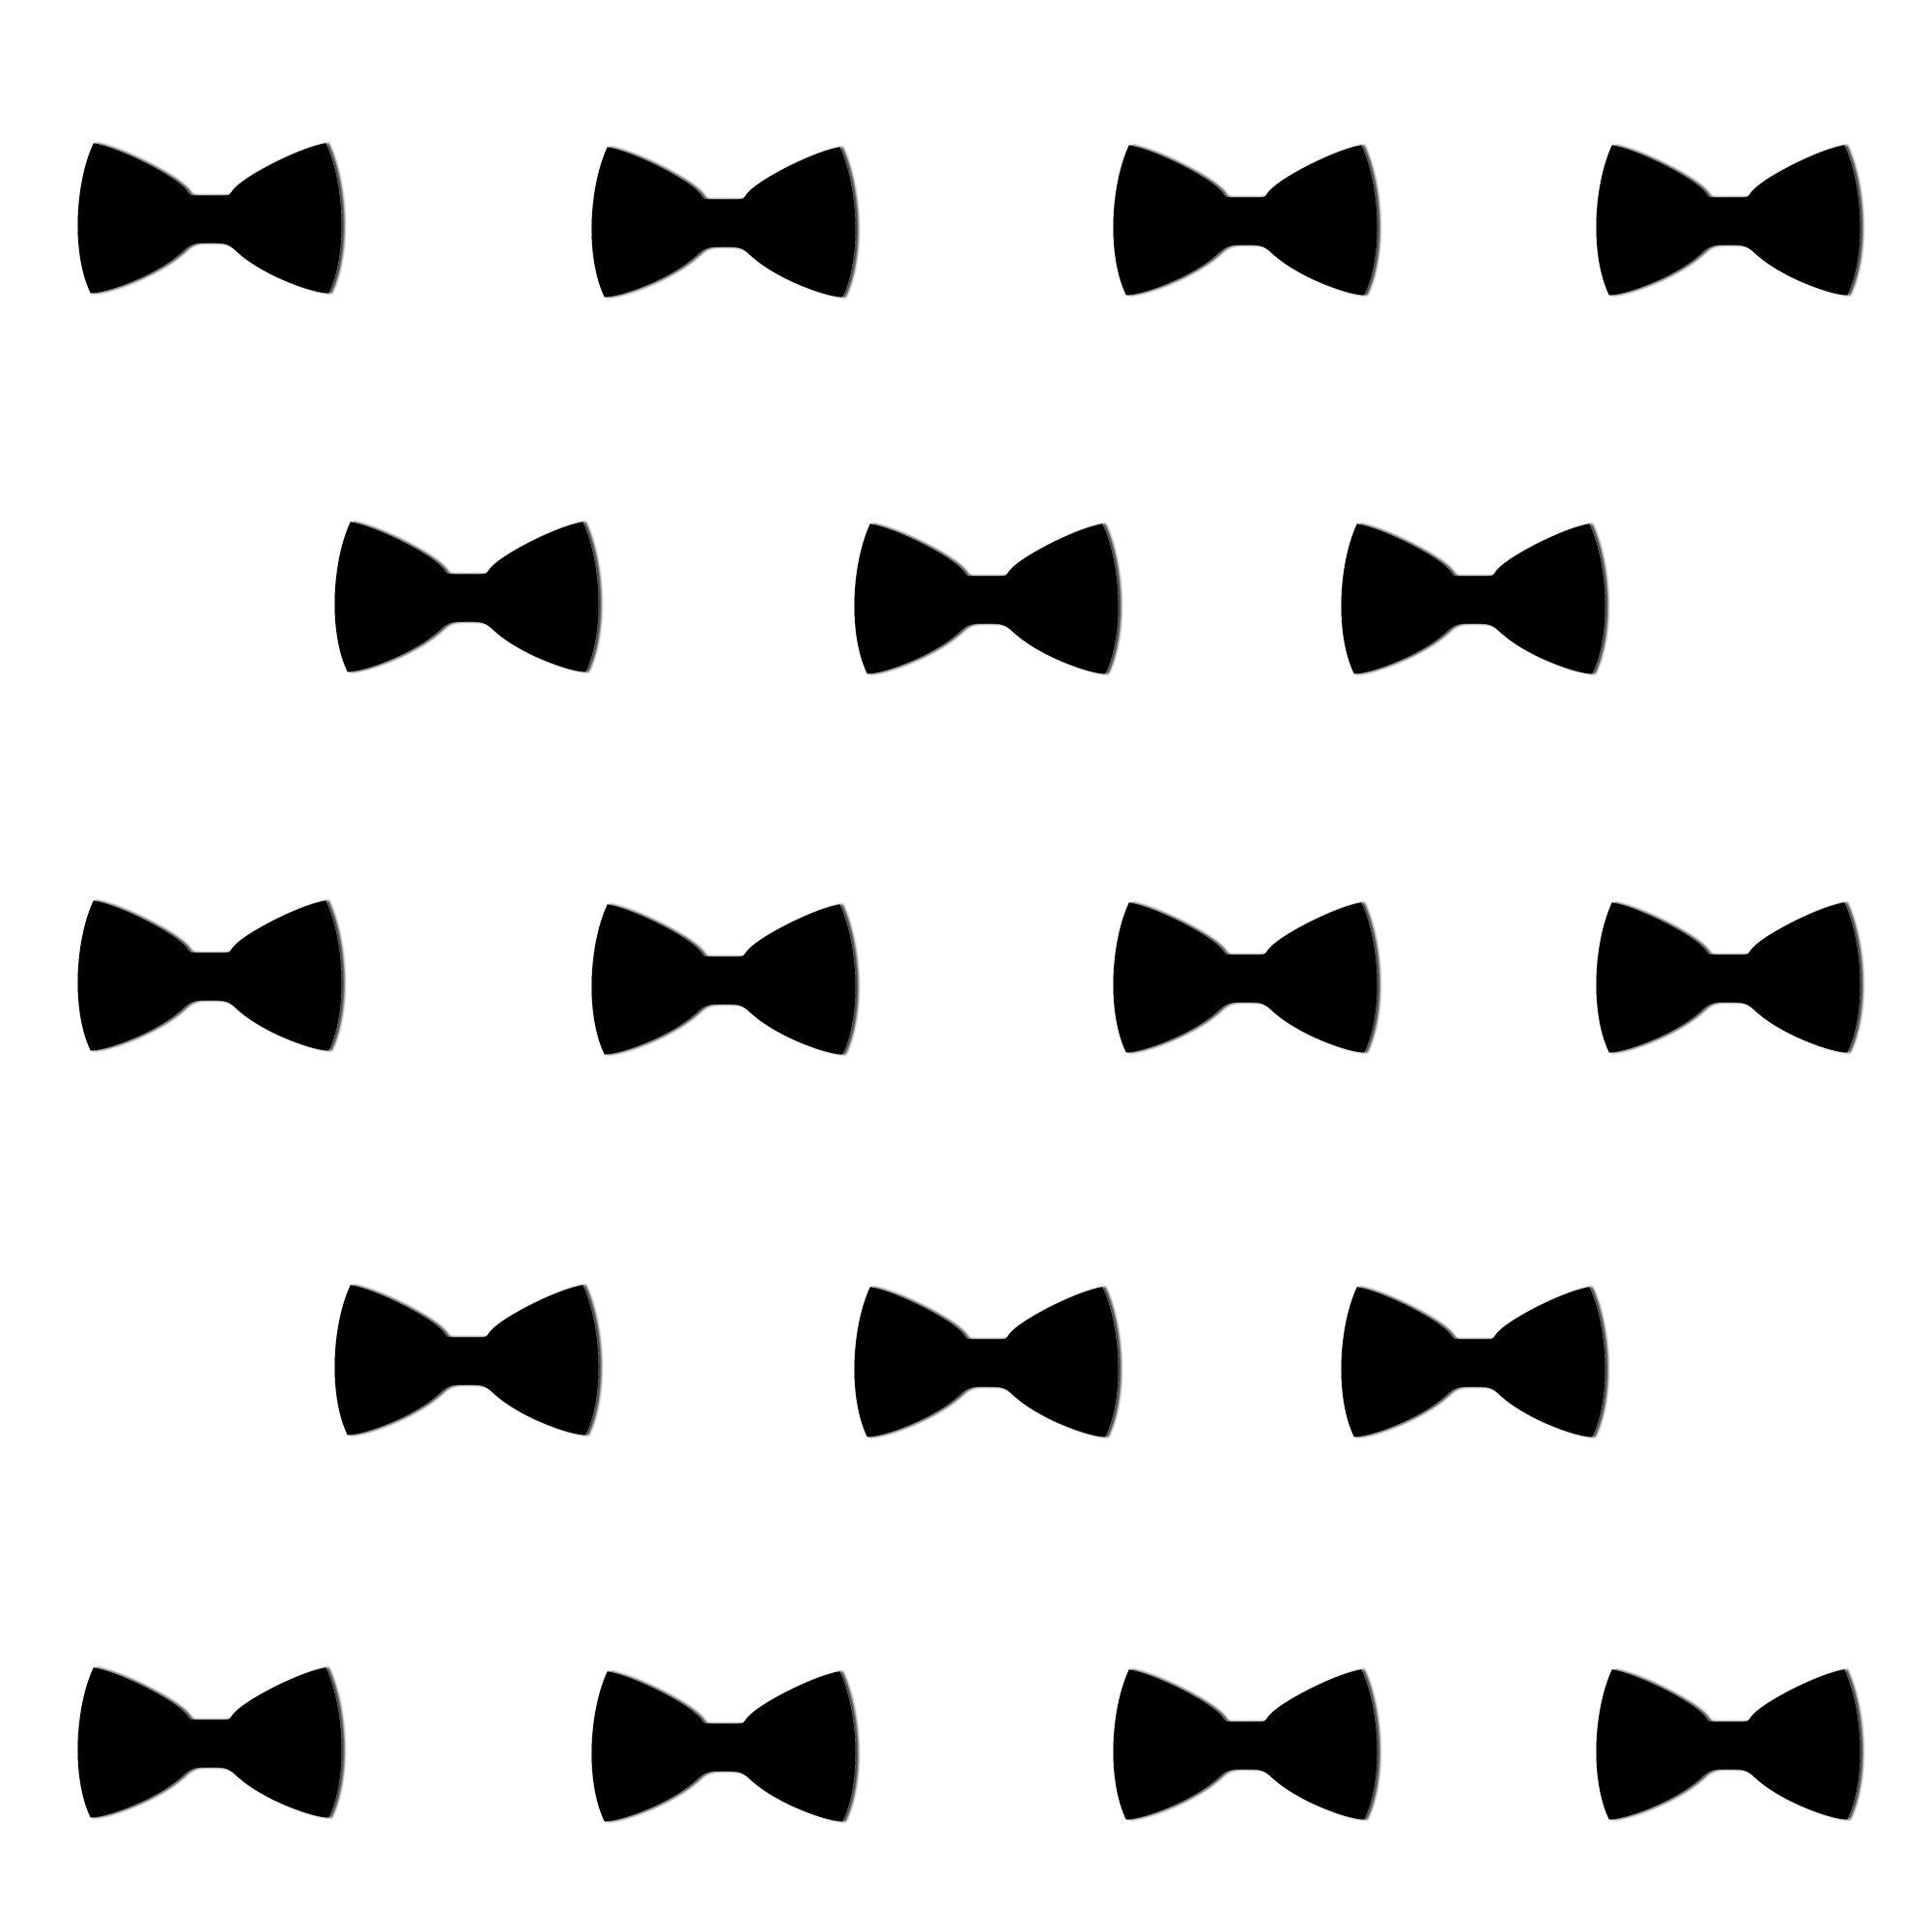 Dekoracja ścienna 20 Szt Kokarda Geometric Czarna Ds 711407